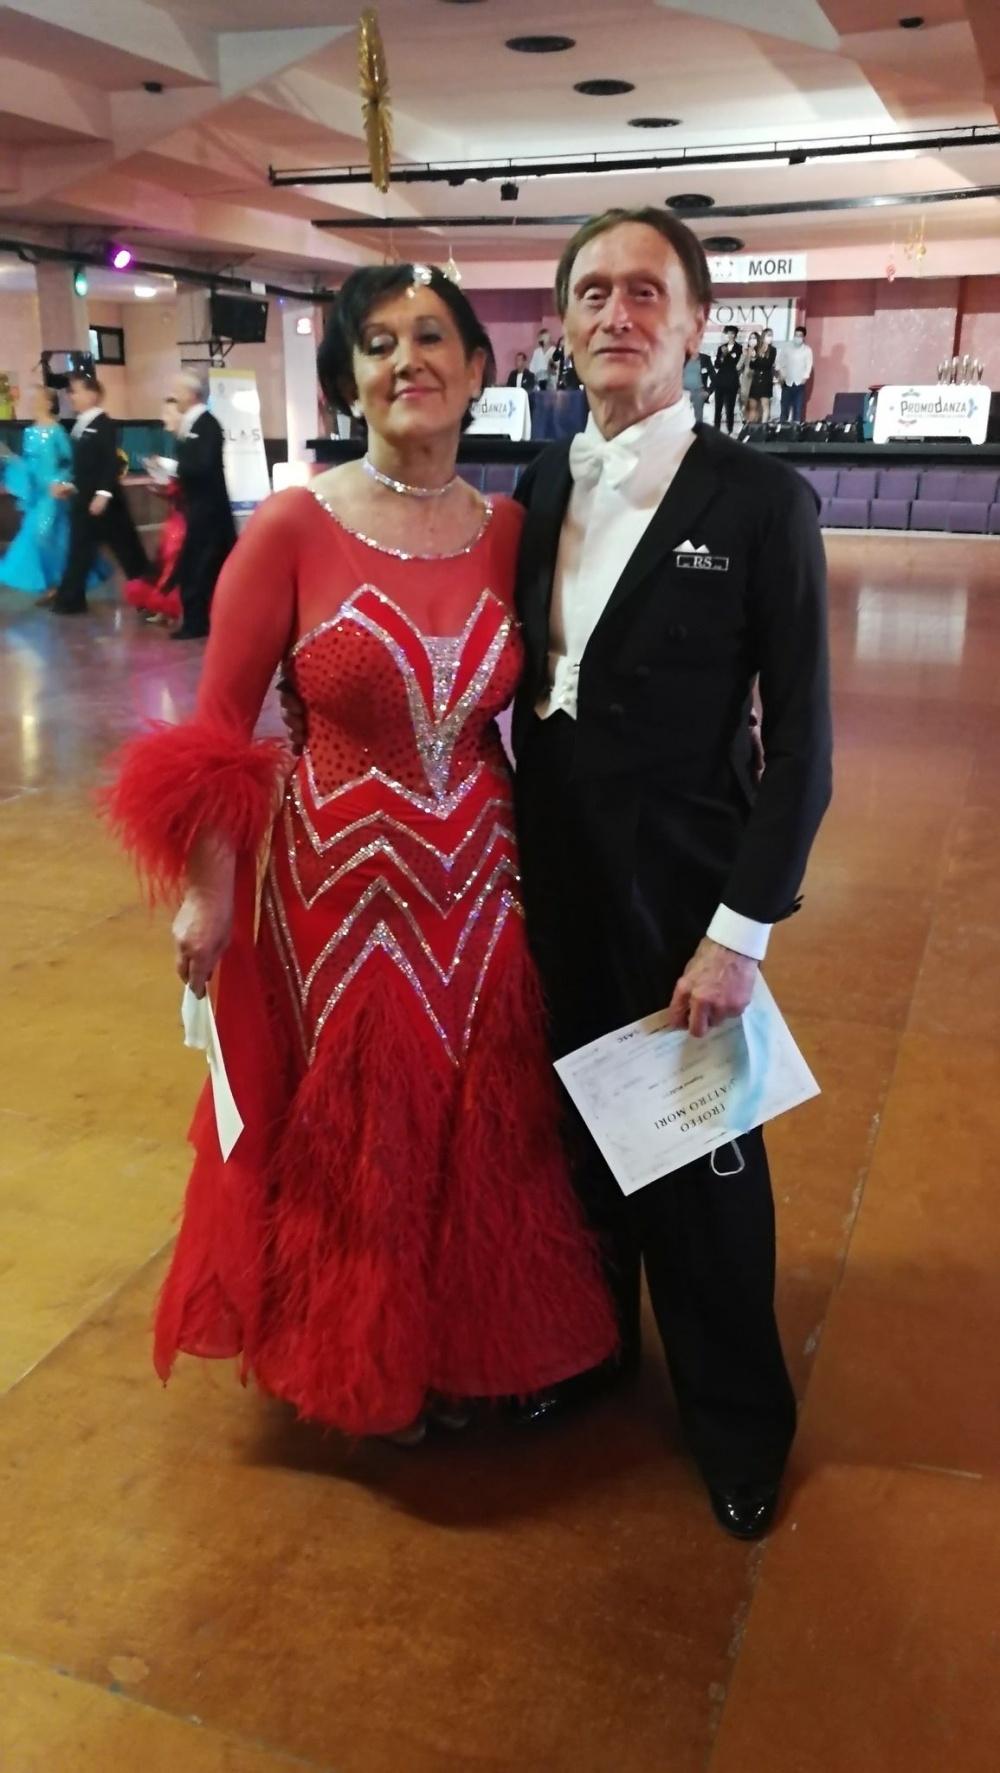 Antonio ed Eugenia Trofeo 4 Mori